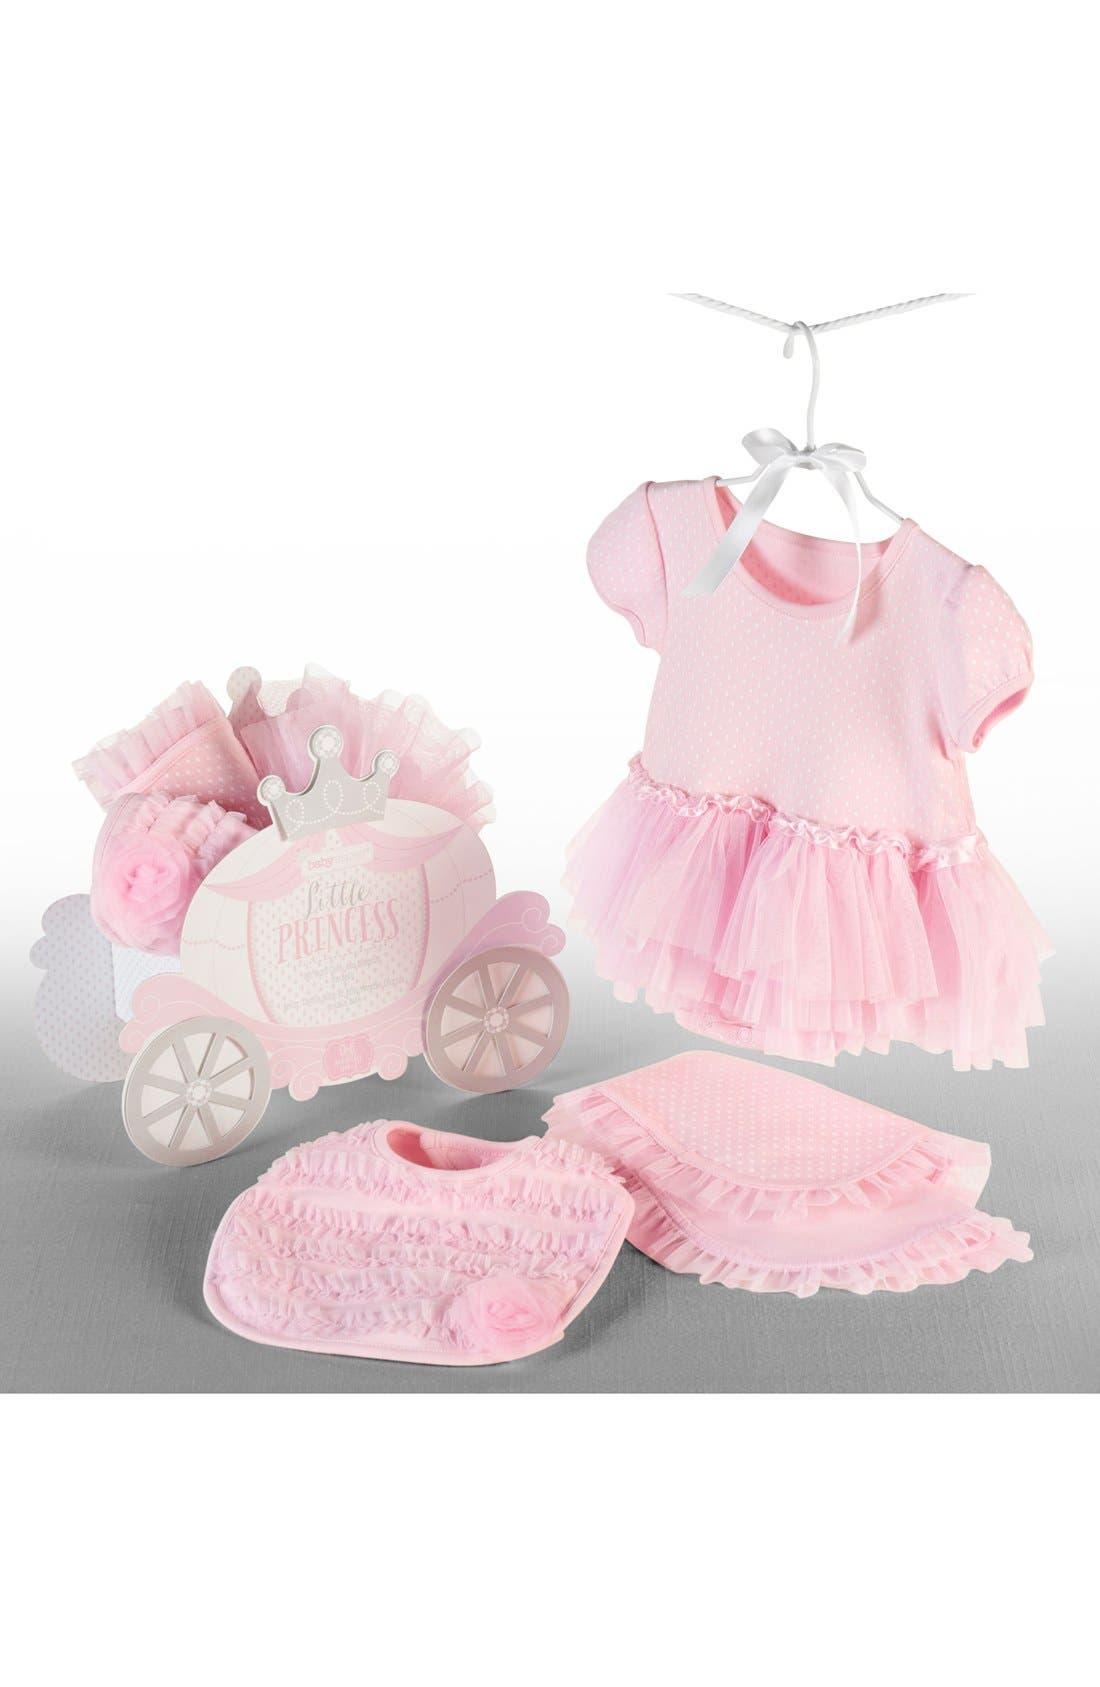 Baby Aspen Little Princess 3-Piece Gift Set (Baby Girls)